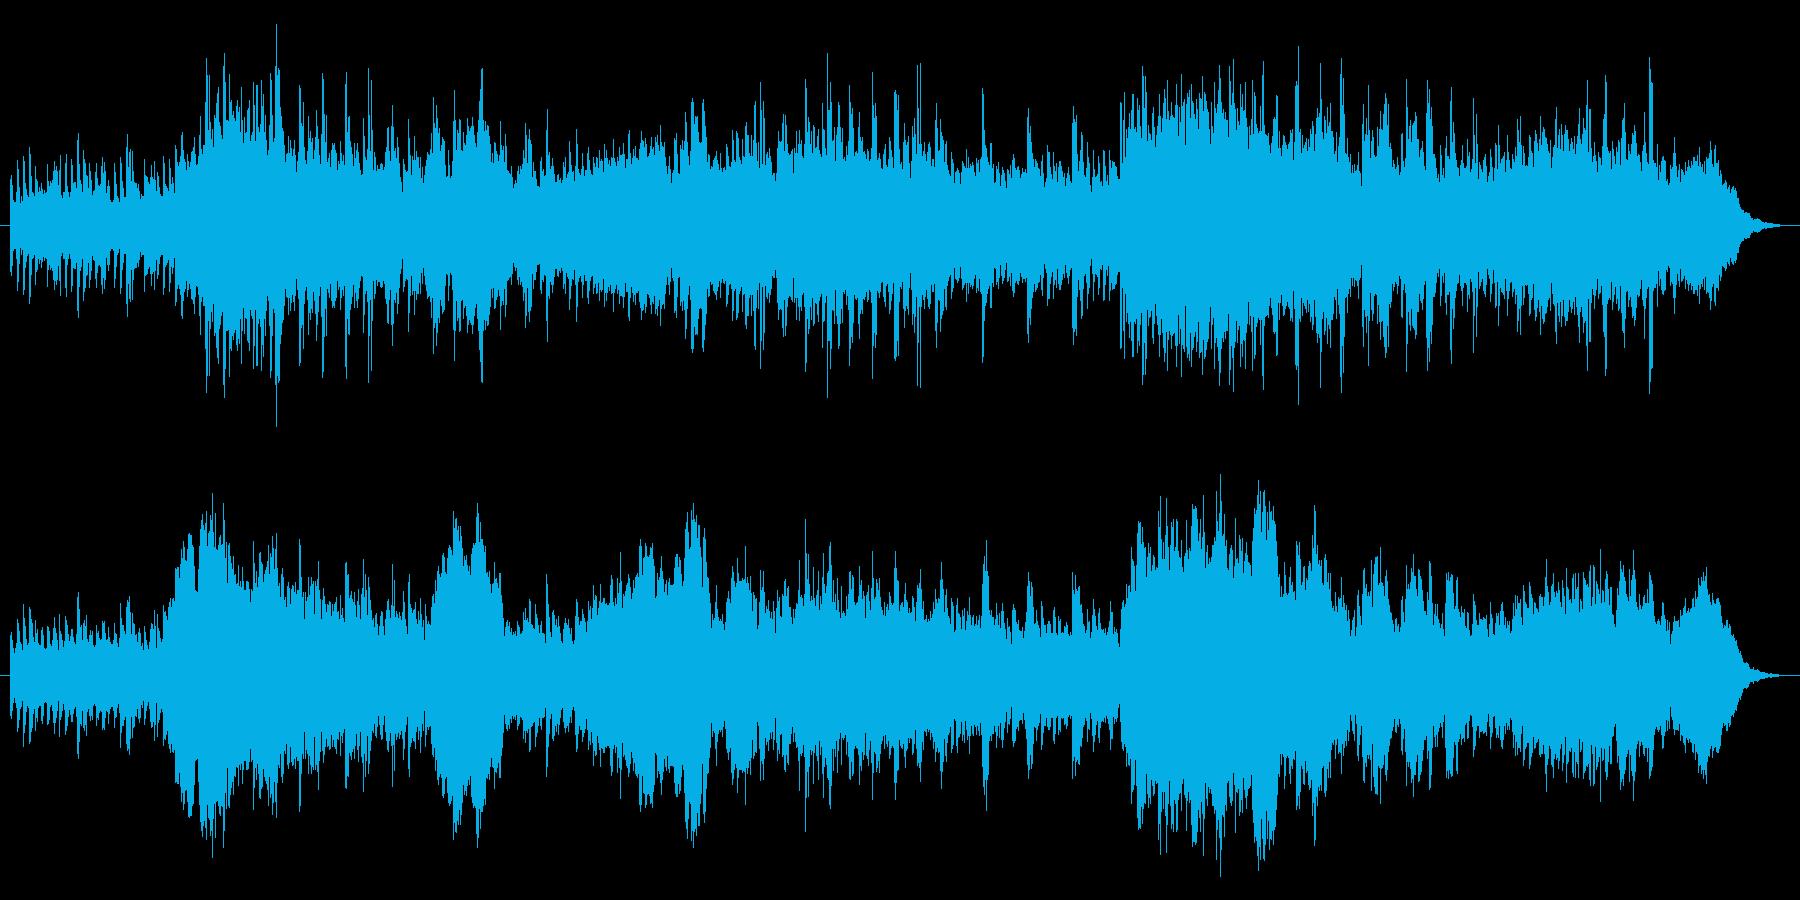 神秘的な雰囲気のアンビエントの再生済みの波形